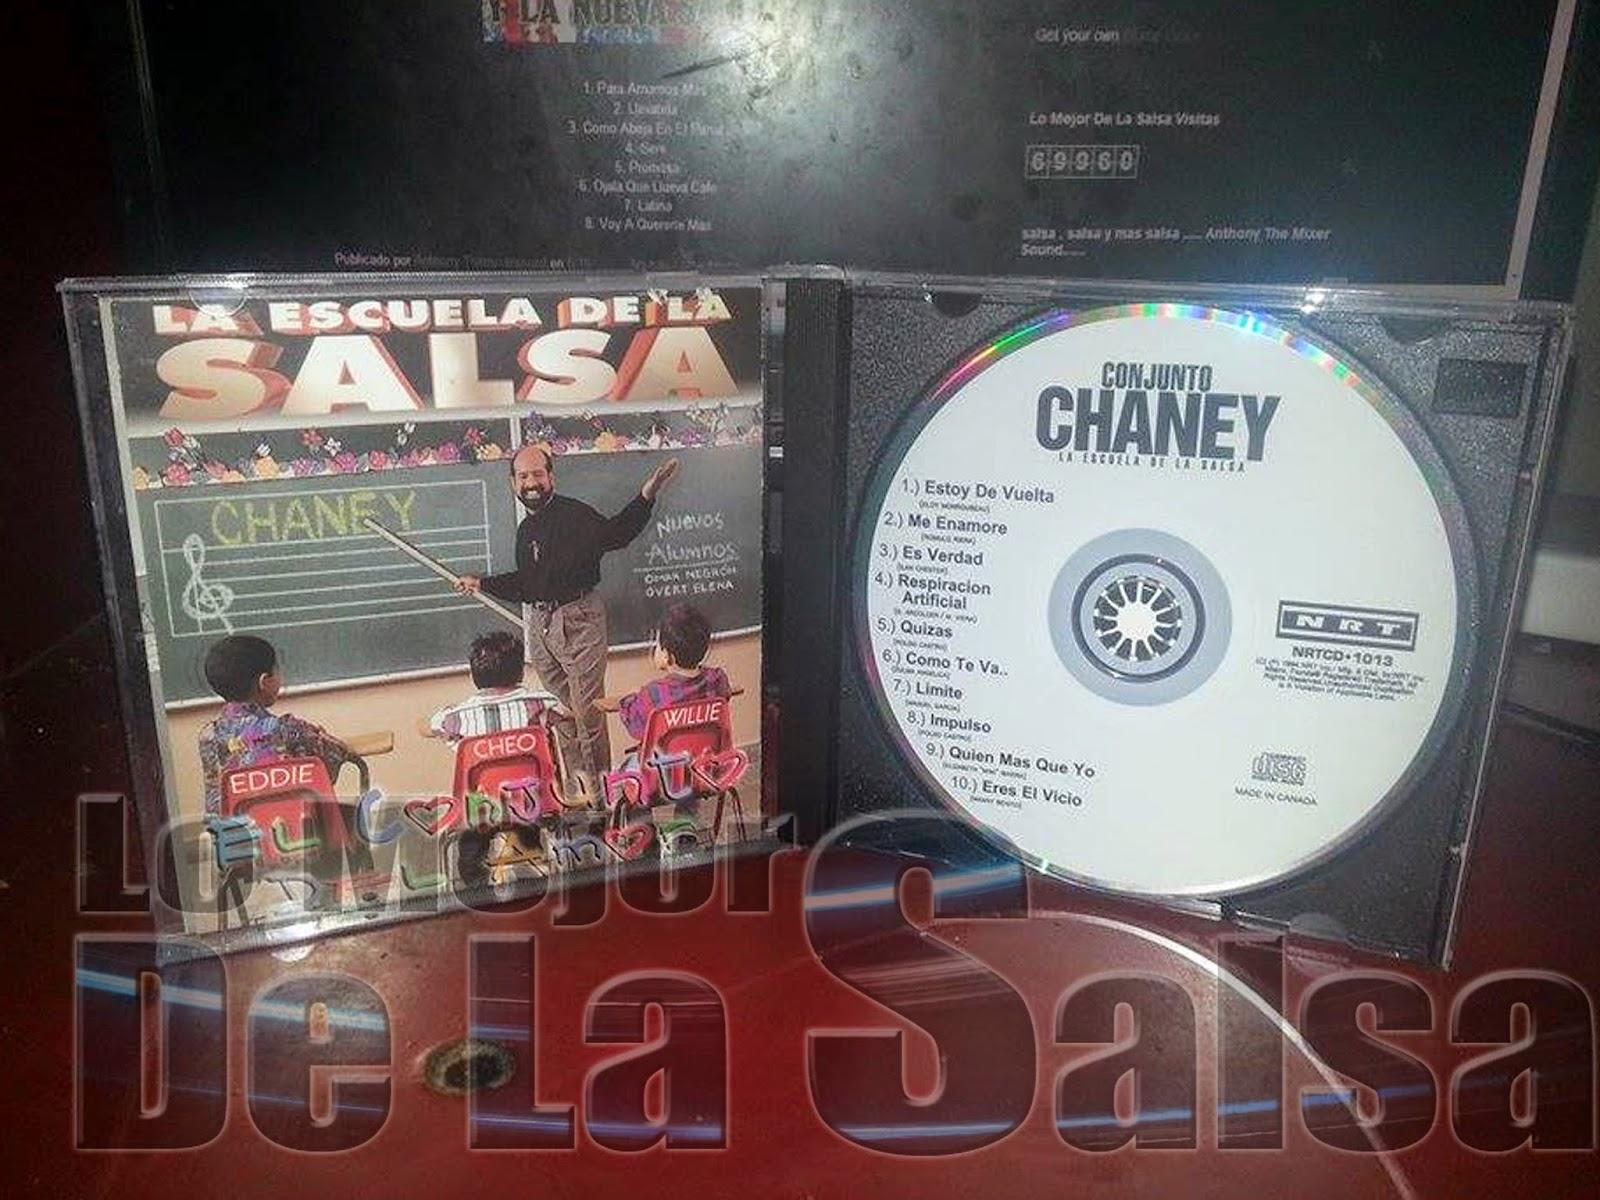 Lo Mejor De La Salsa Conjunto Chaney La Escuela De La Salsa 1994